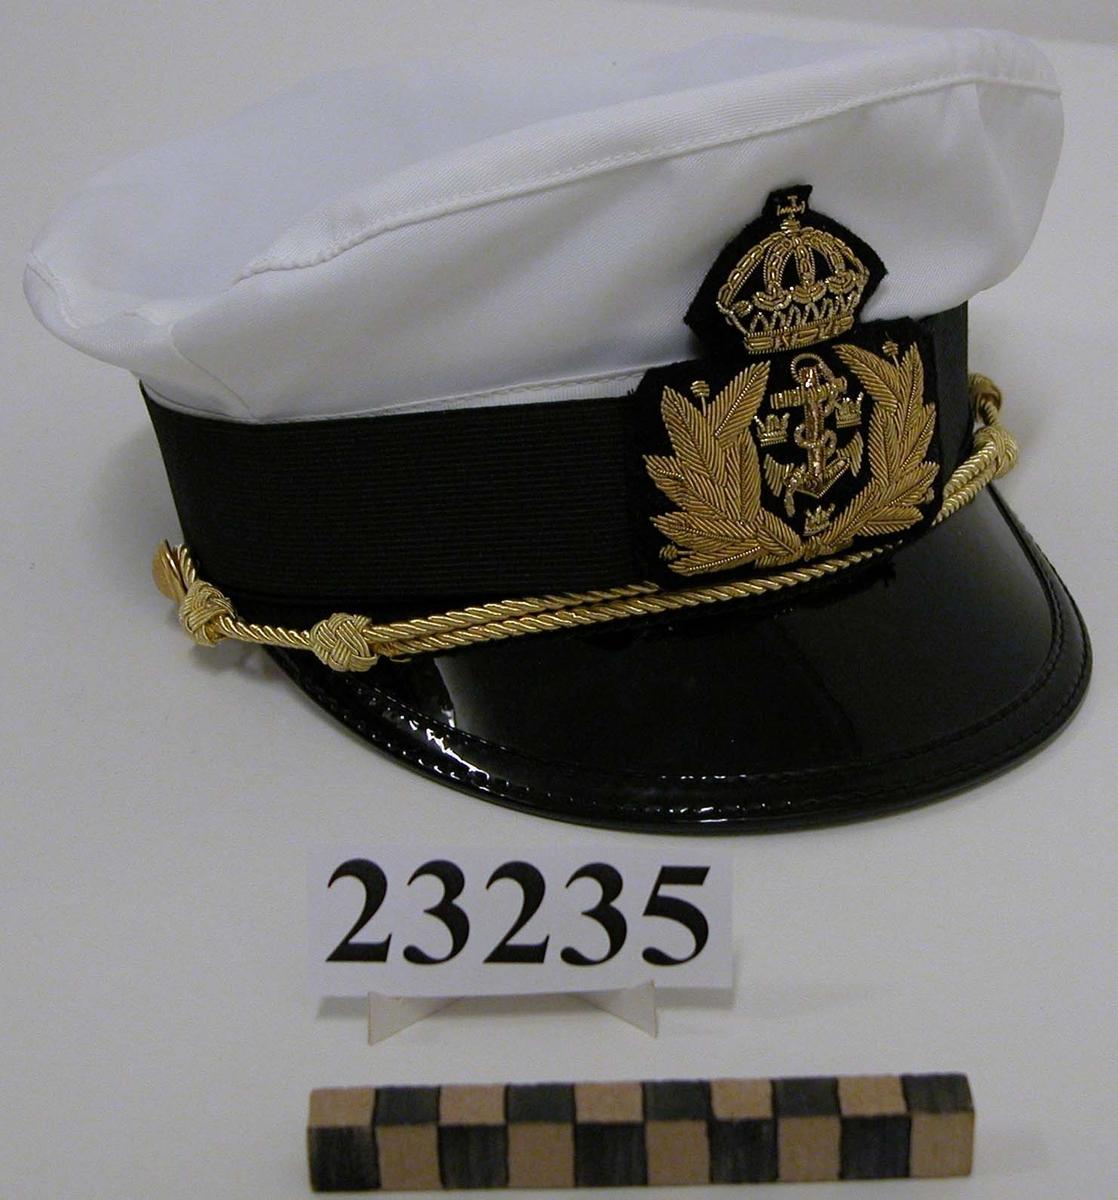 Skärmmössa för officer eller underofficer (kapten-sergeant) vid flottan. Försedd med knapp m/1878 samt snodd för graderna sergeant till kapten.  Stomme i svart kappel i vitt. Kapellet är av syntetiskt material. Skärmen är blanksvart. Storlek 56.